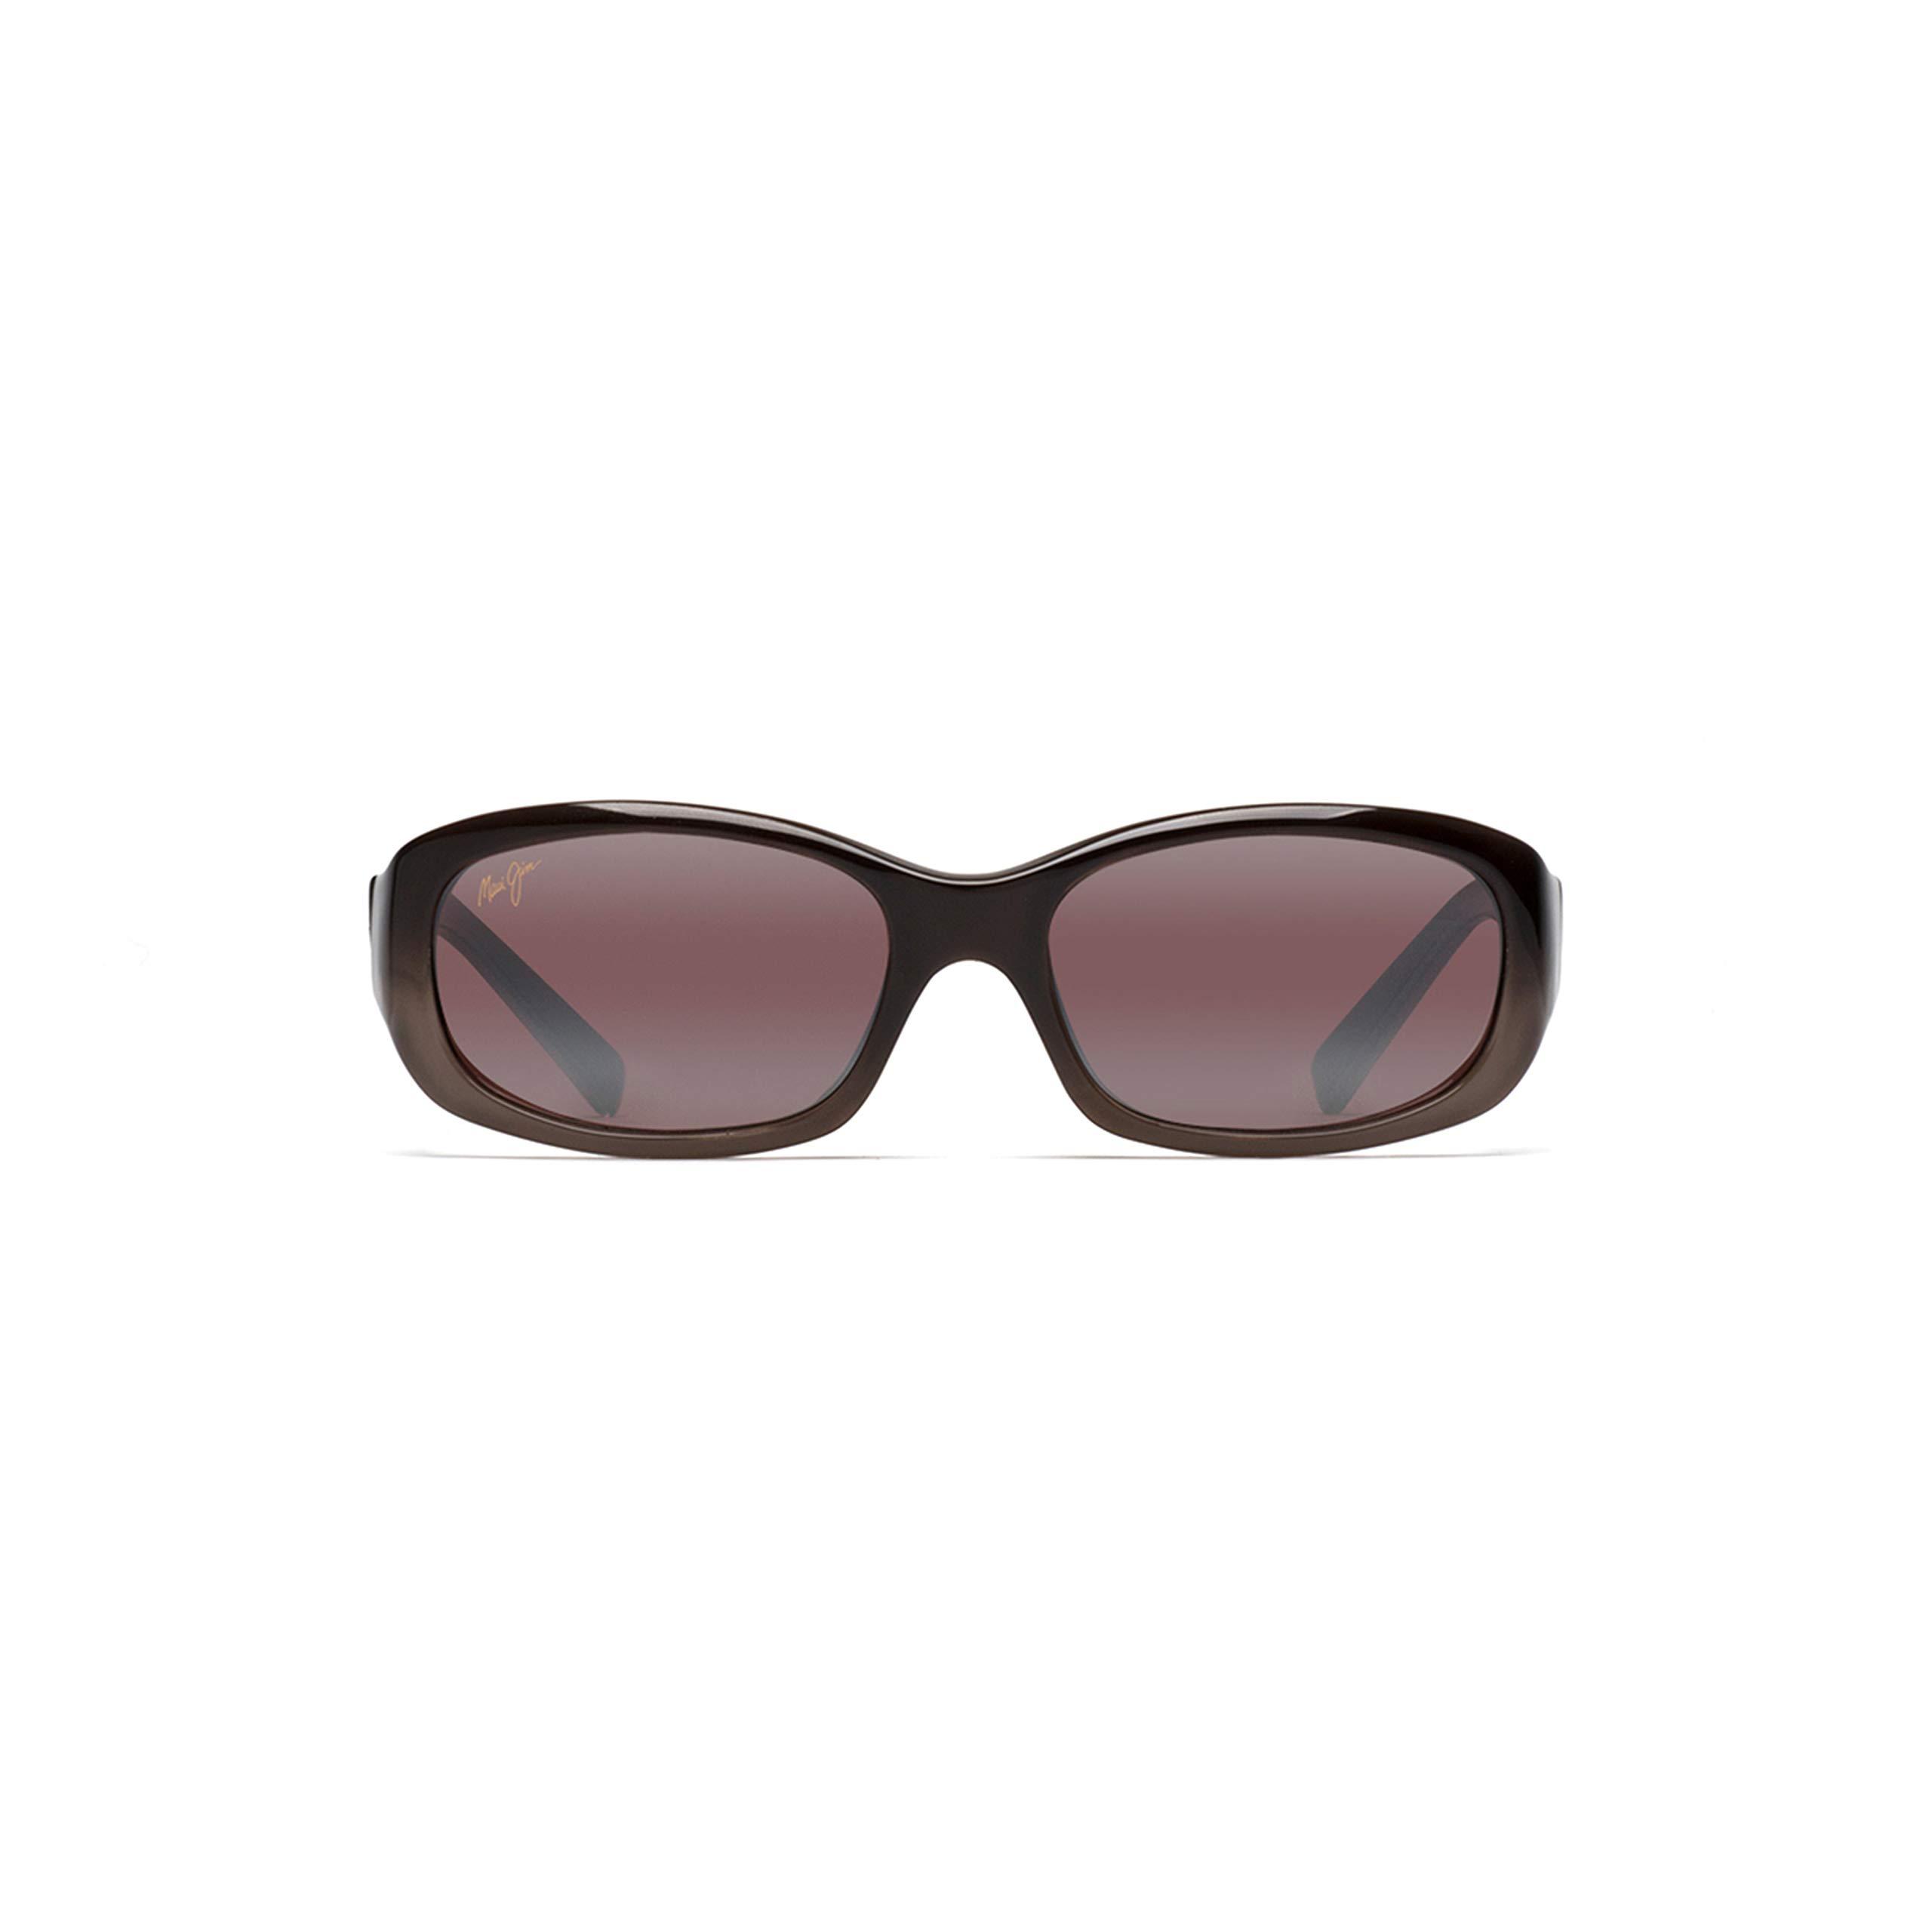 Maui Jim Red Sands Sunglasses by Maui Jim